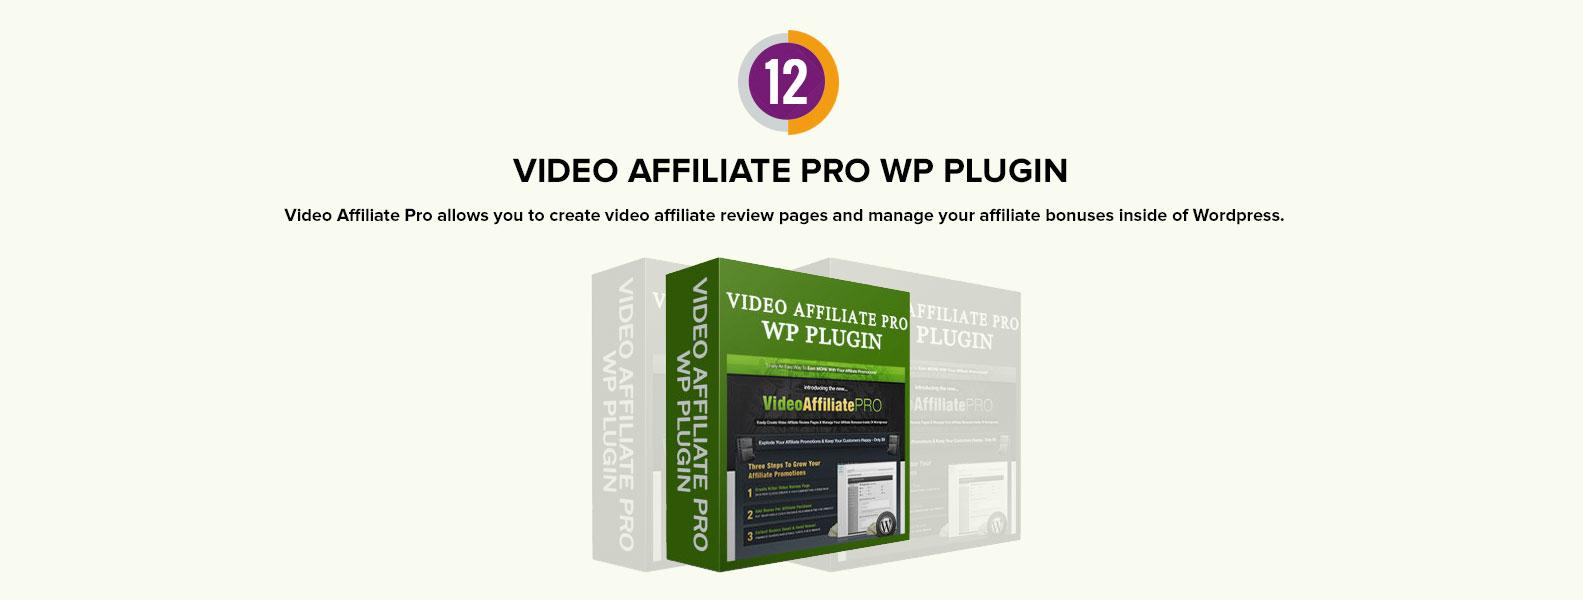 video affiliate pro wp plugin